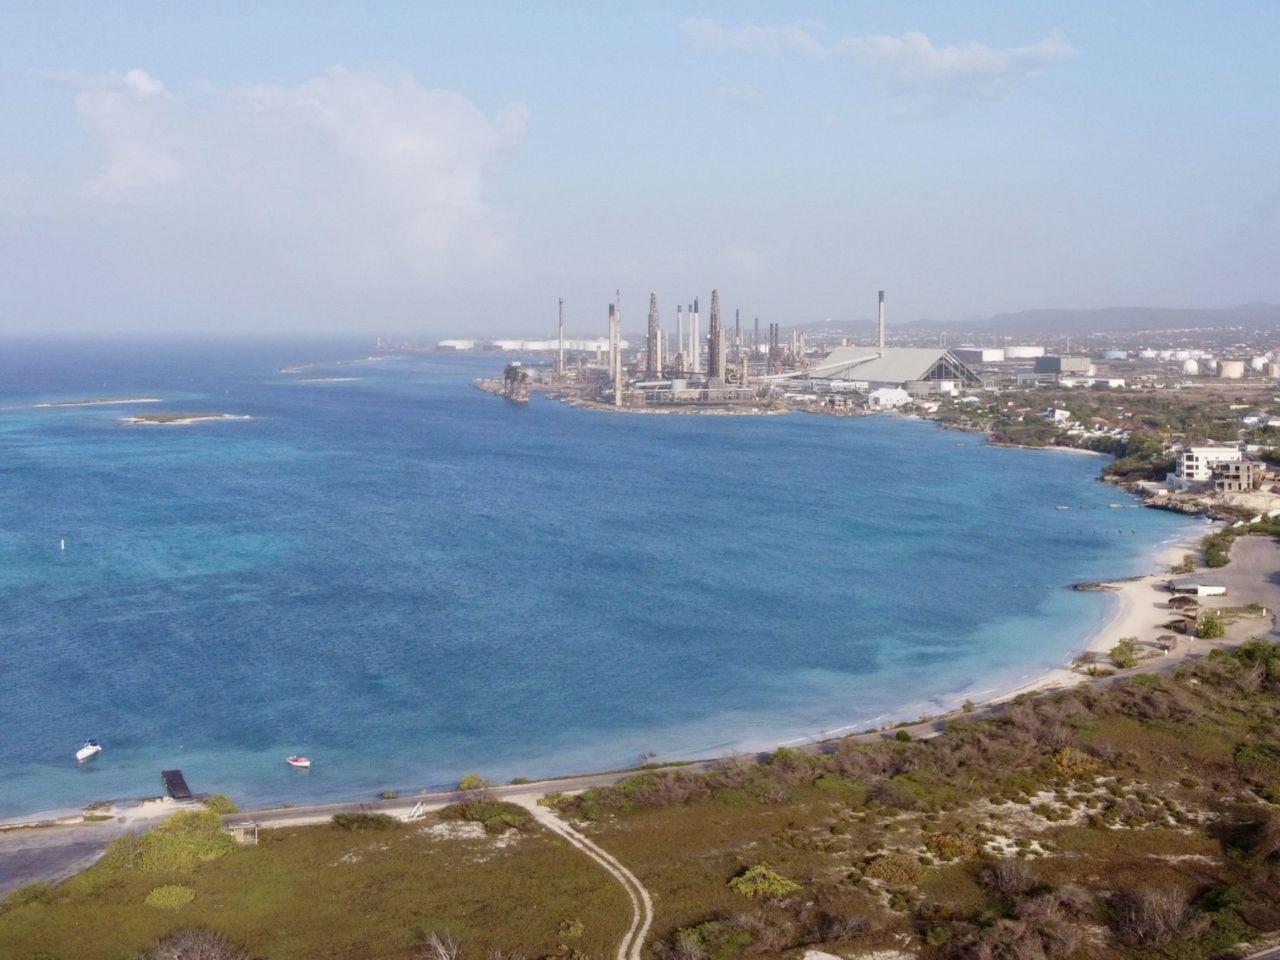 Eine Luftaufnahme eines Strandes mit Strand im Vordergrund und einer Fabrik im Hintergrund